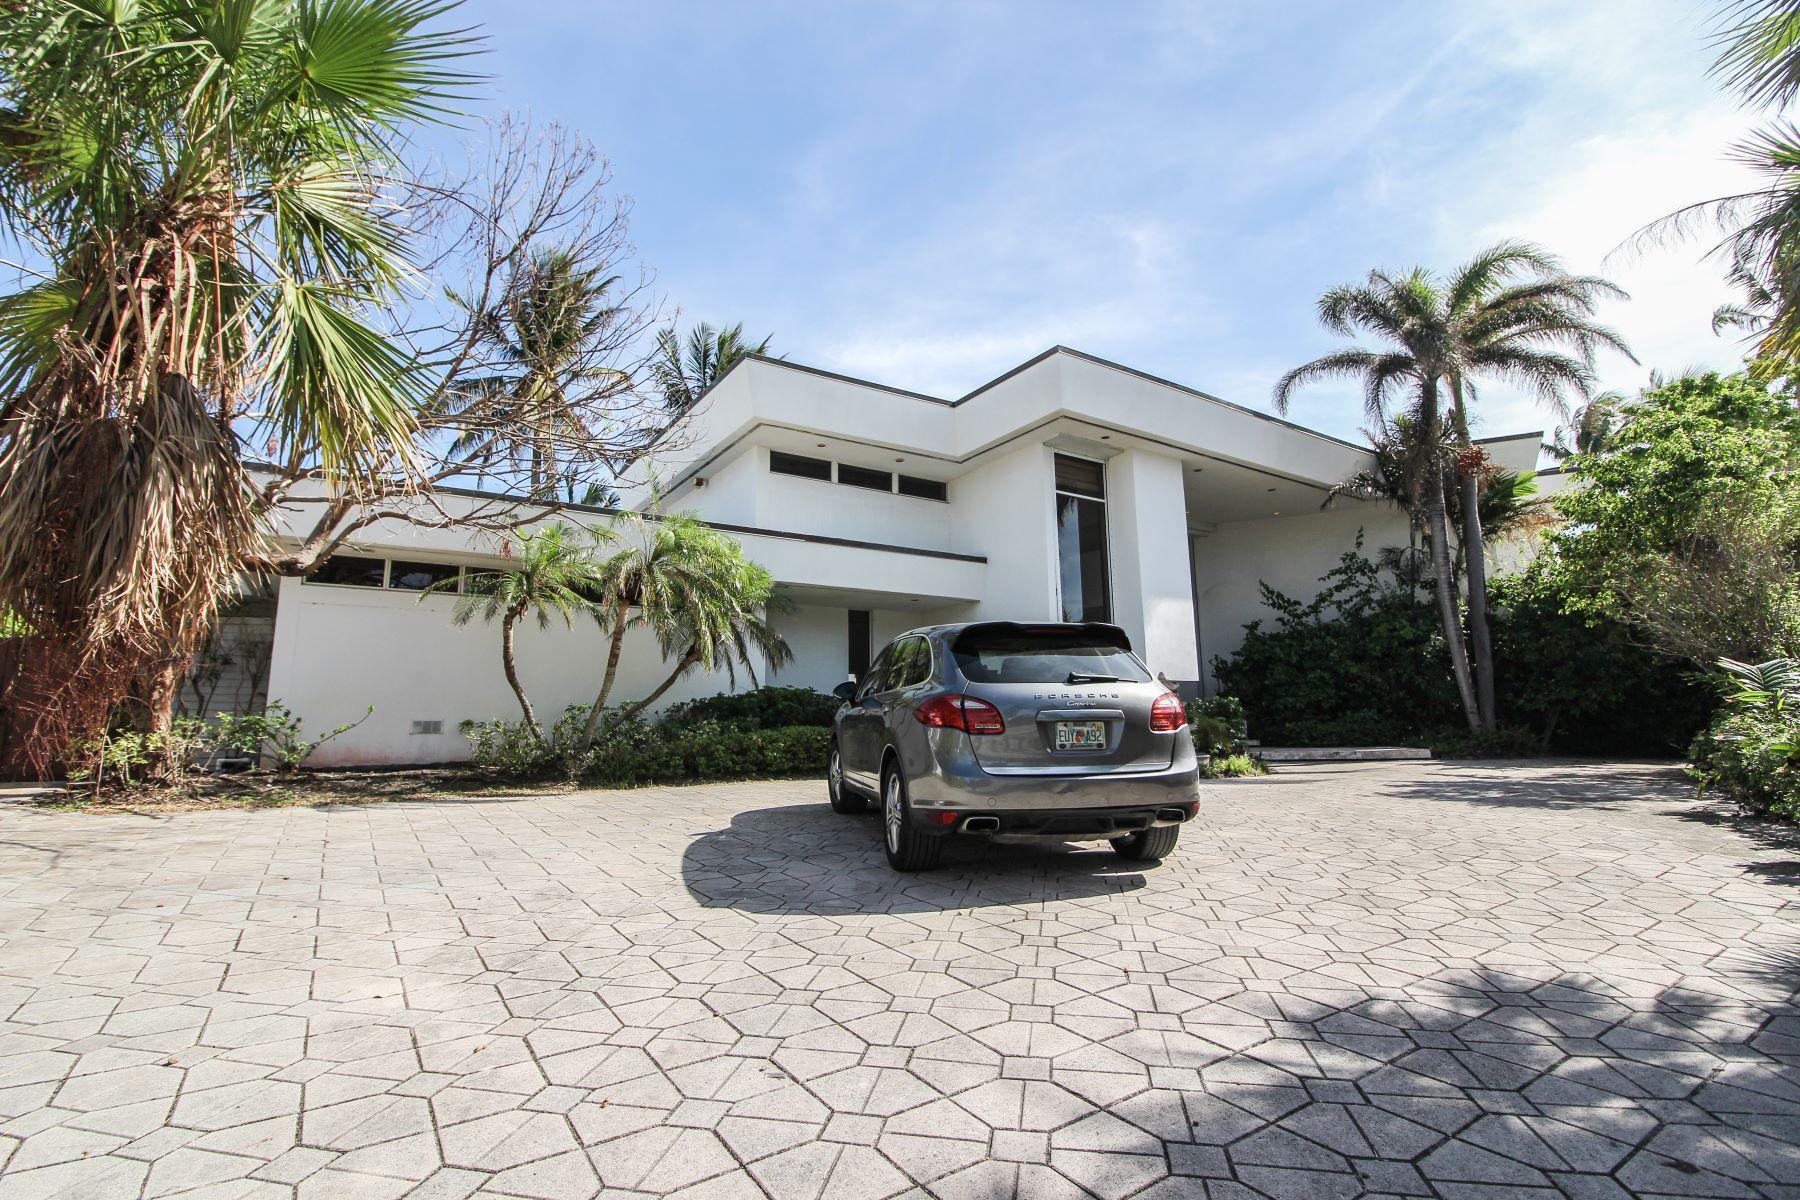 Maison unifamiliale pour l Vente à 1989 Ne 119 Rd North Miami, Florida, 33181 États-Unis